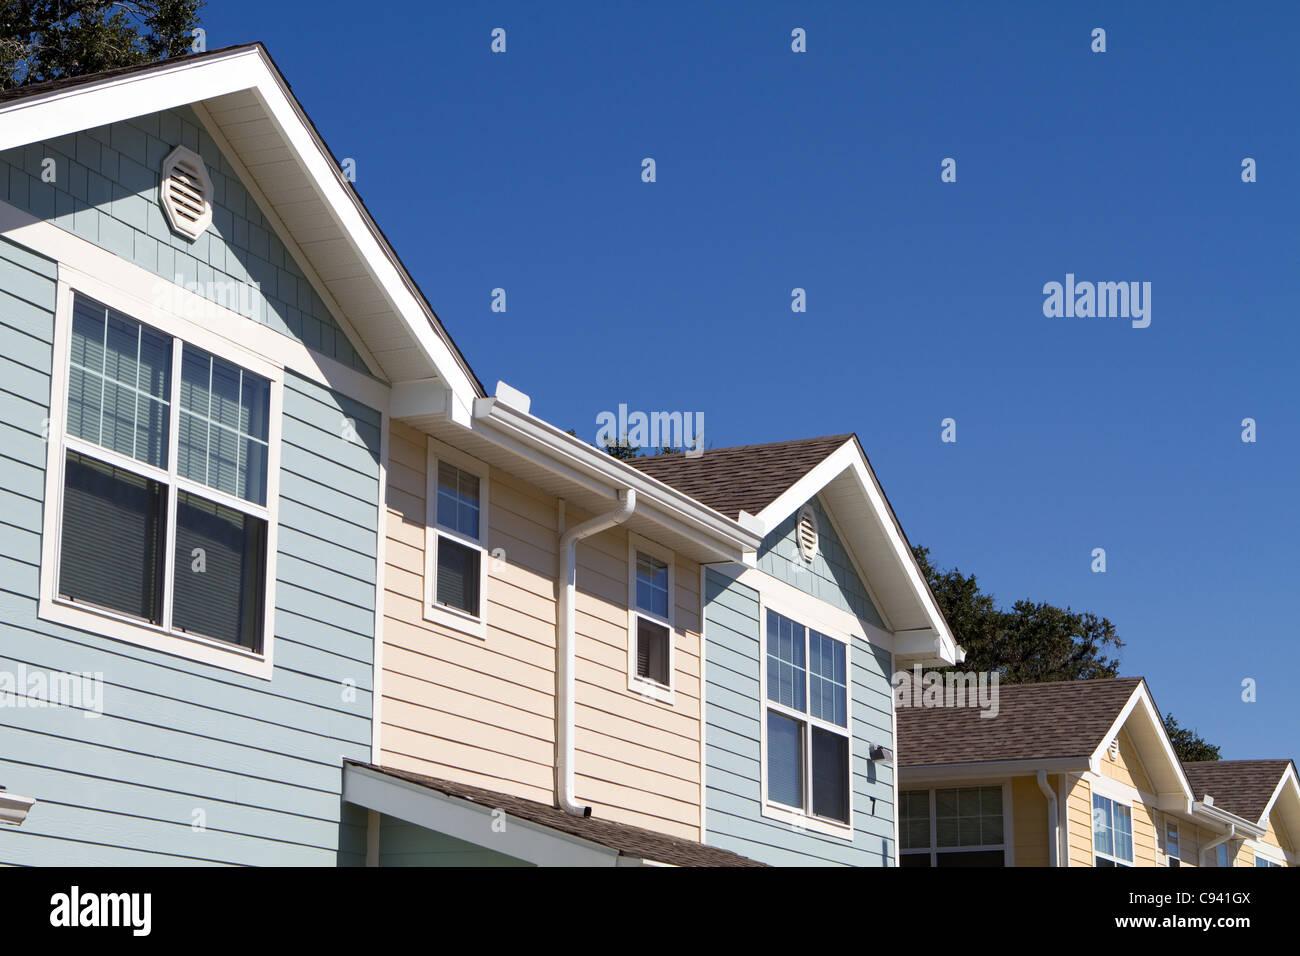 Neue Moderne Mietwohnungen Mit Horizontalen Abstellgleis Blauen